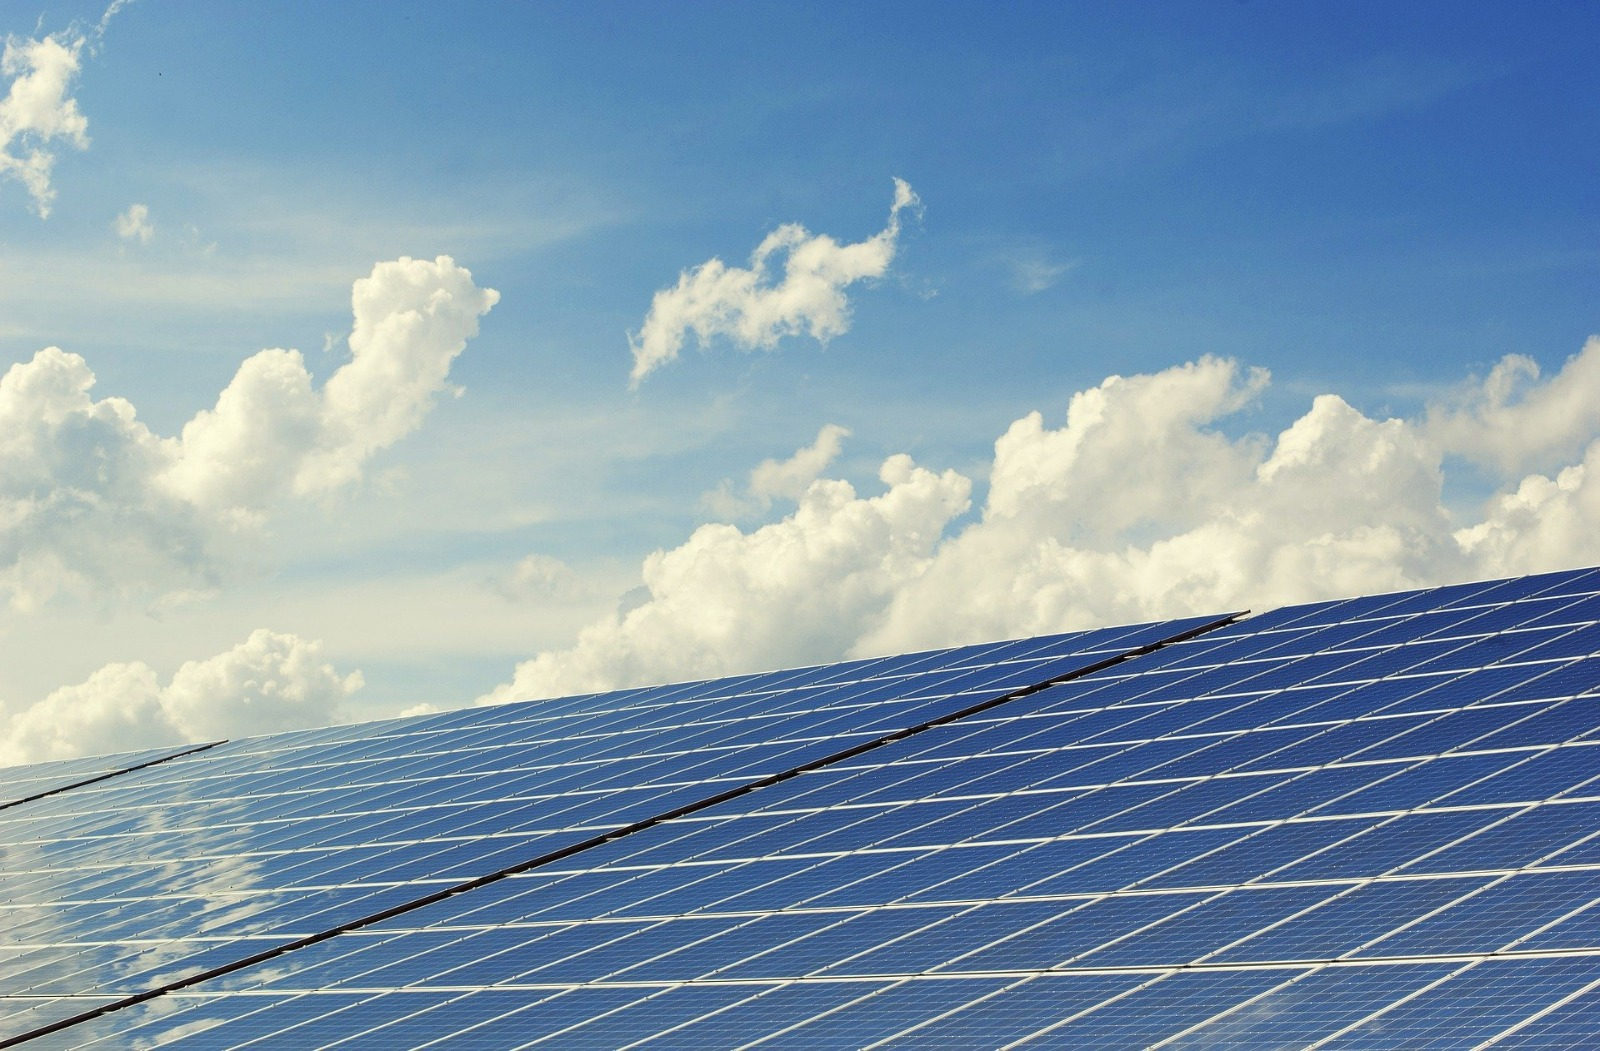 La Conselleria de Política Territorial considera de interés económico estratégico tres plantas fotovoltaicas ubicadas en Ayora y Beneixama